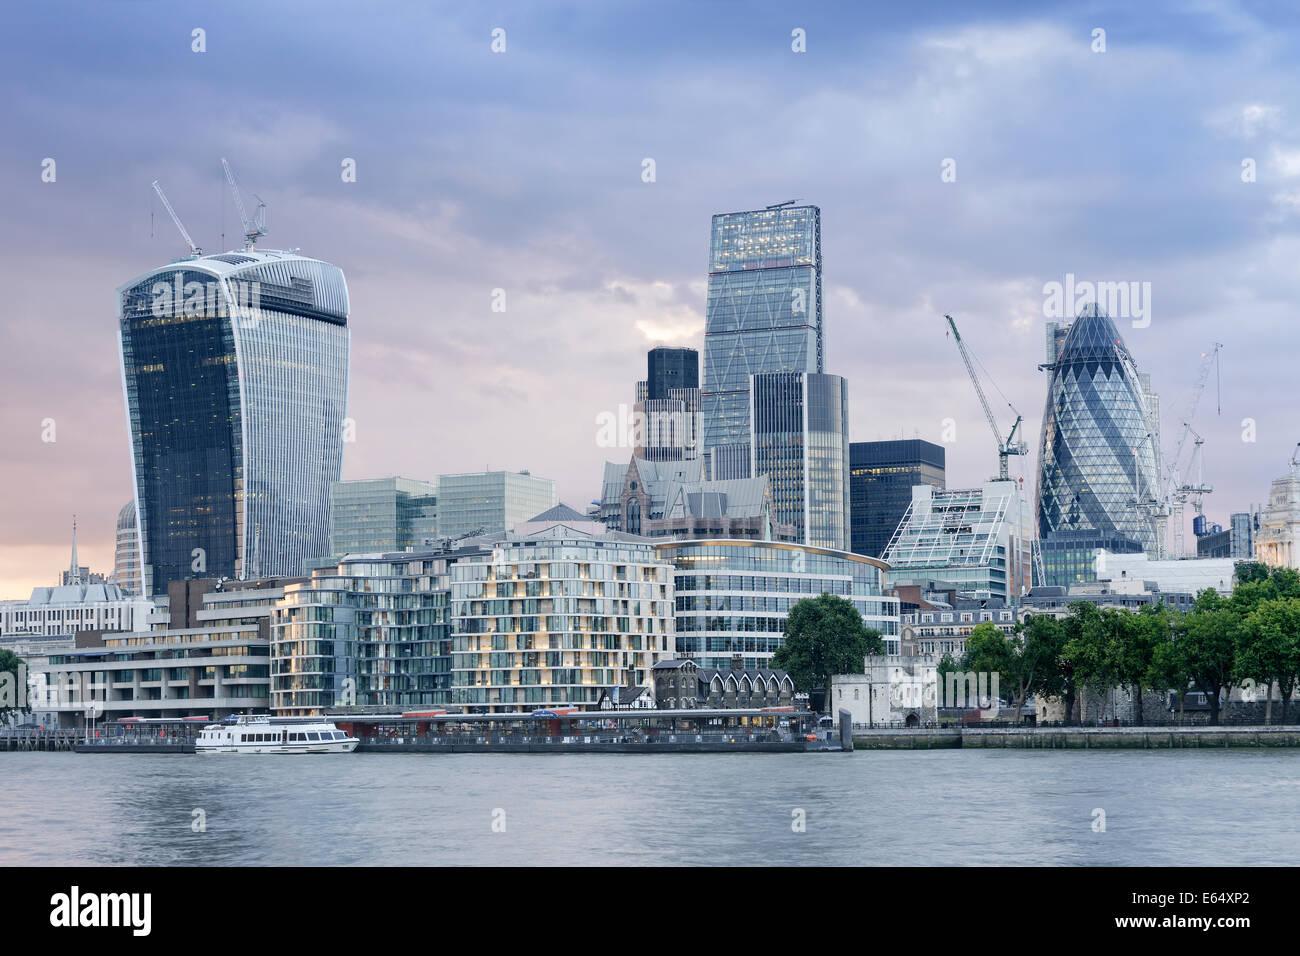 Der Londoner Skyline, UK. Stockbild